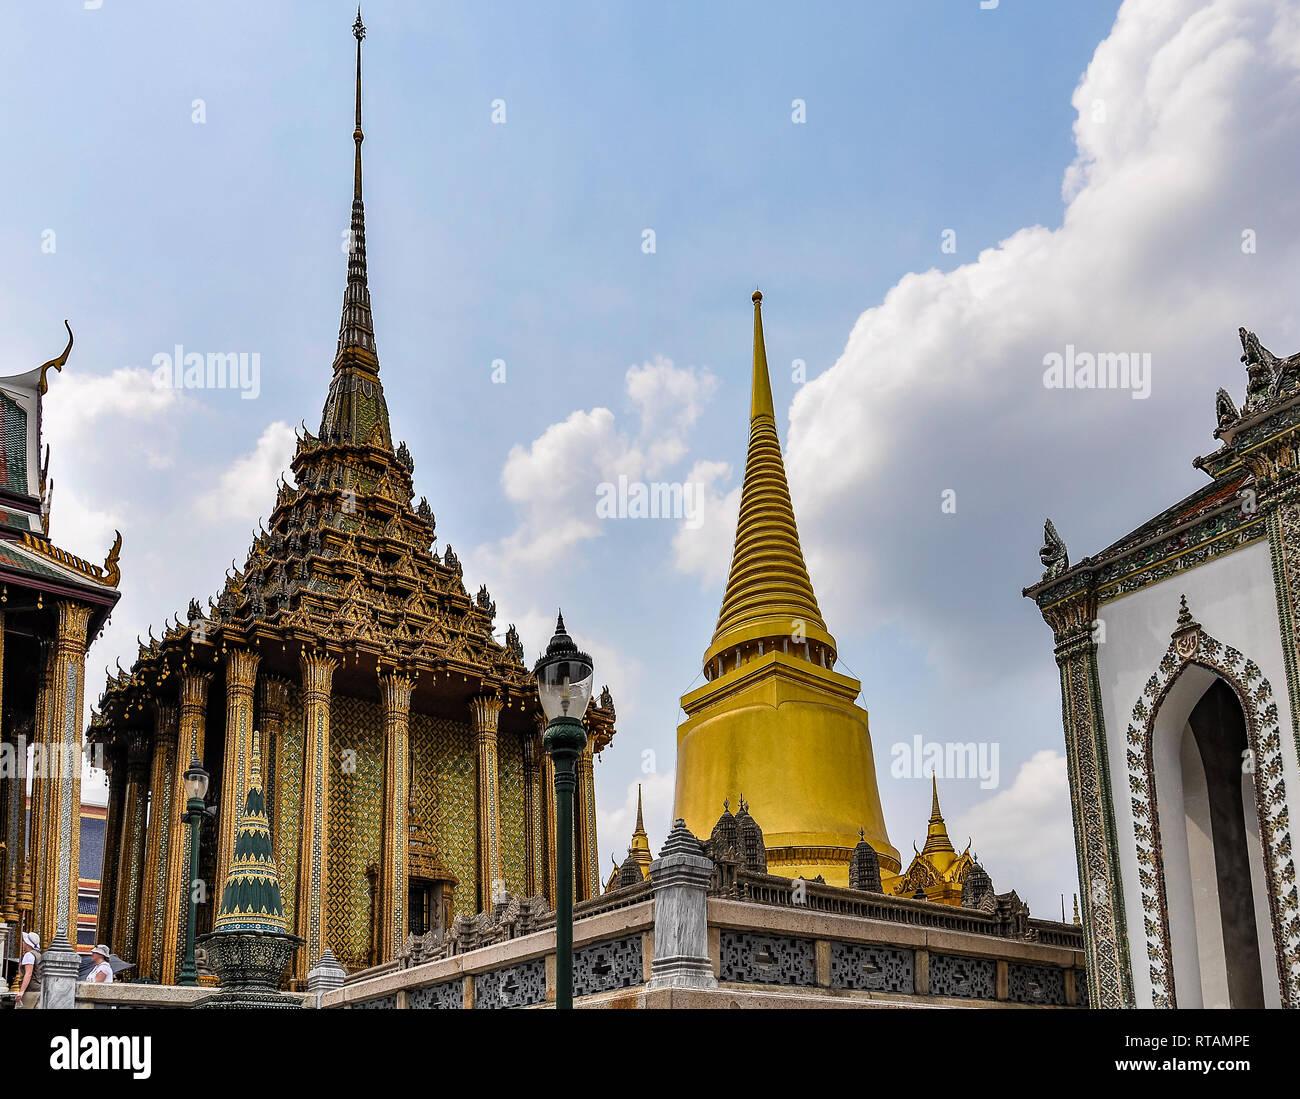 L'intérieur dans le Grand Palais à Bangkok, Thaïlande Banque D'Images